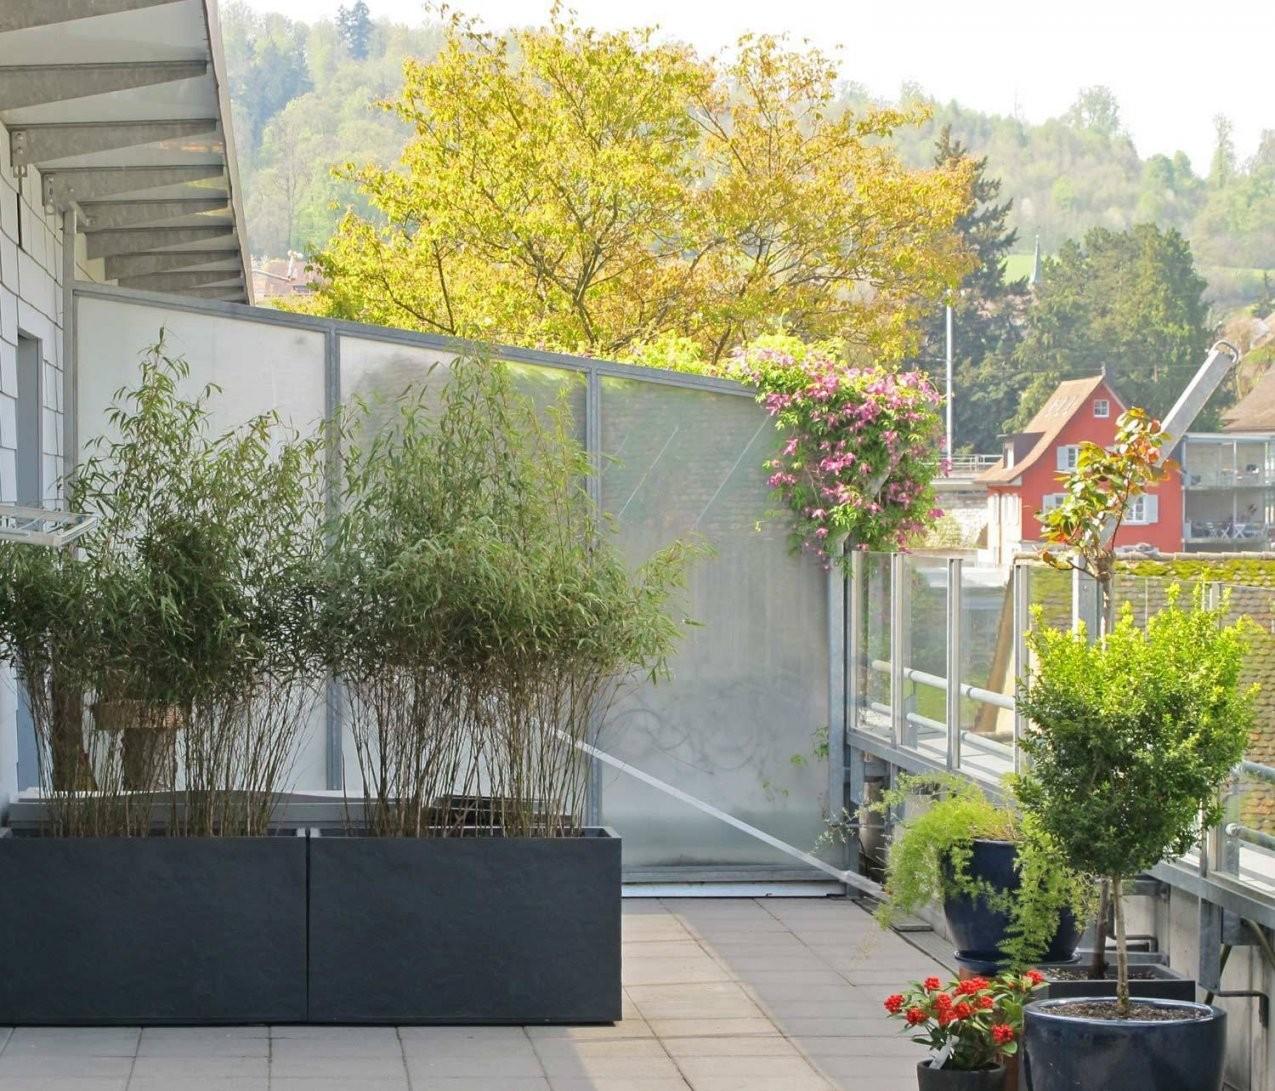 Sichtschutz Garten Kunststoff Bauhaus Swappingtons Von Sichtschutz von Bauhaus Steine Garten Bild